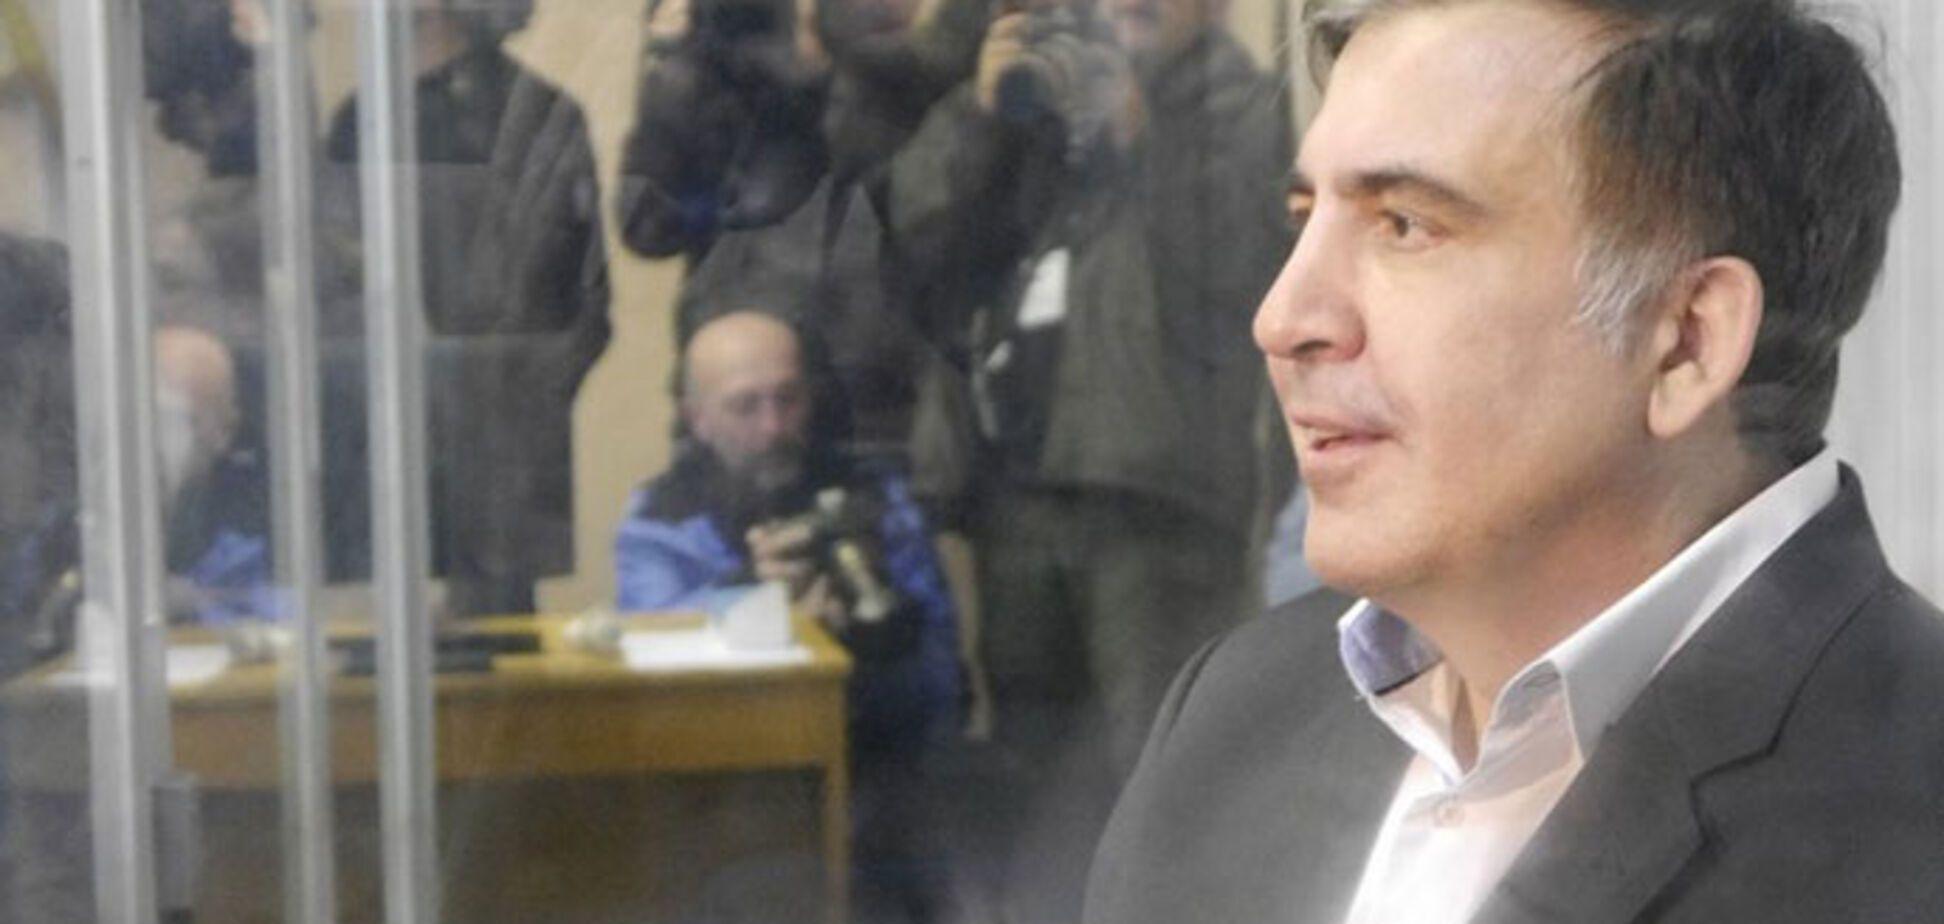 Загрожує 'золота середина': юрист оцінив перспективи Саакашвілі в суді